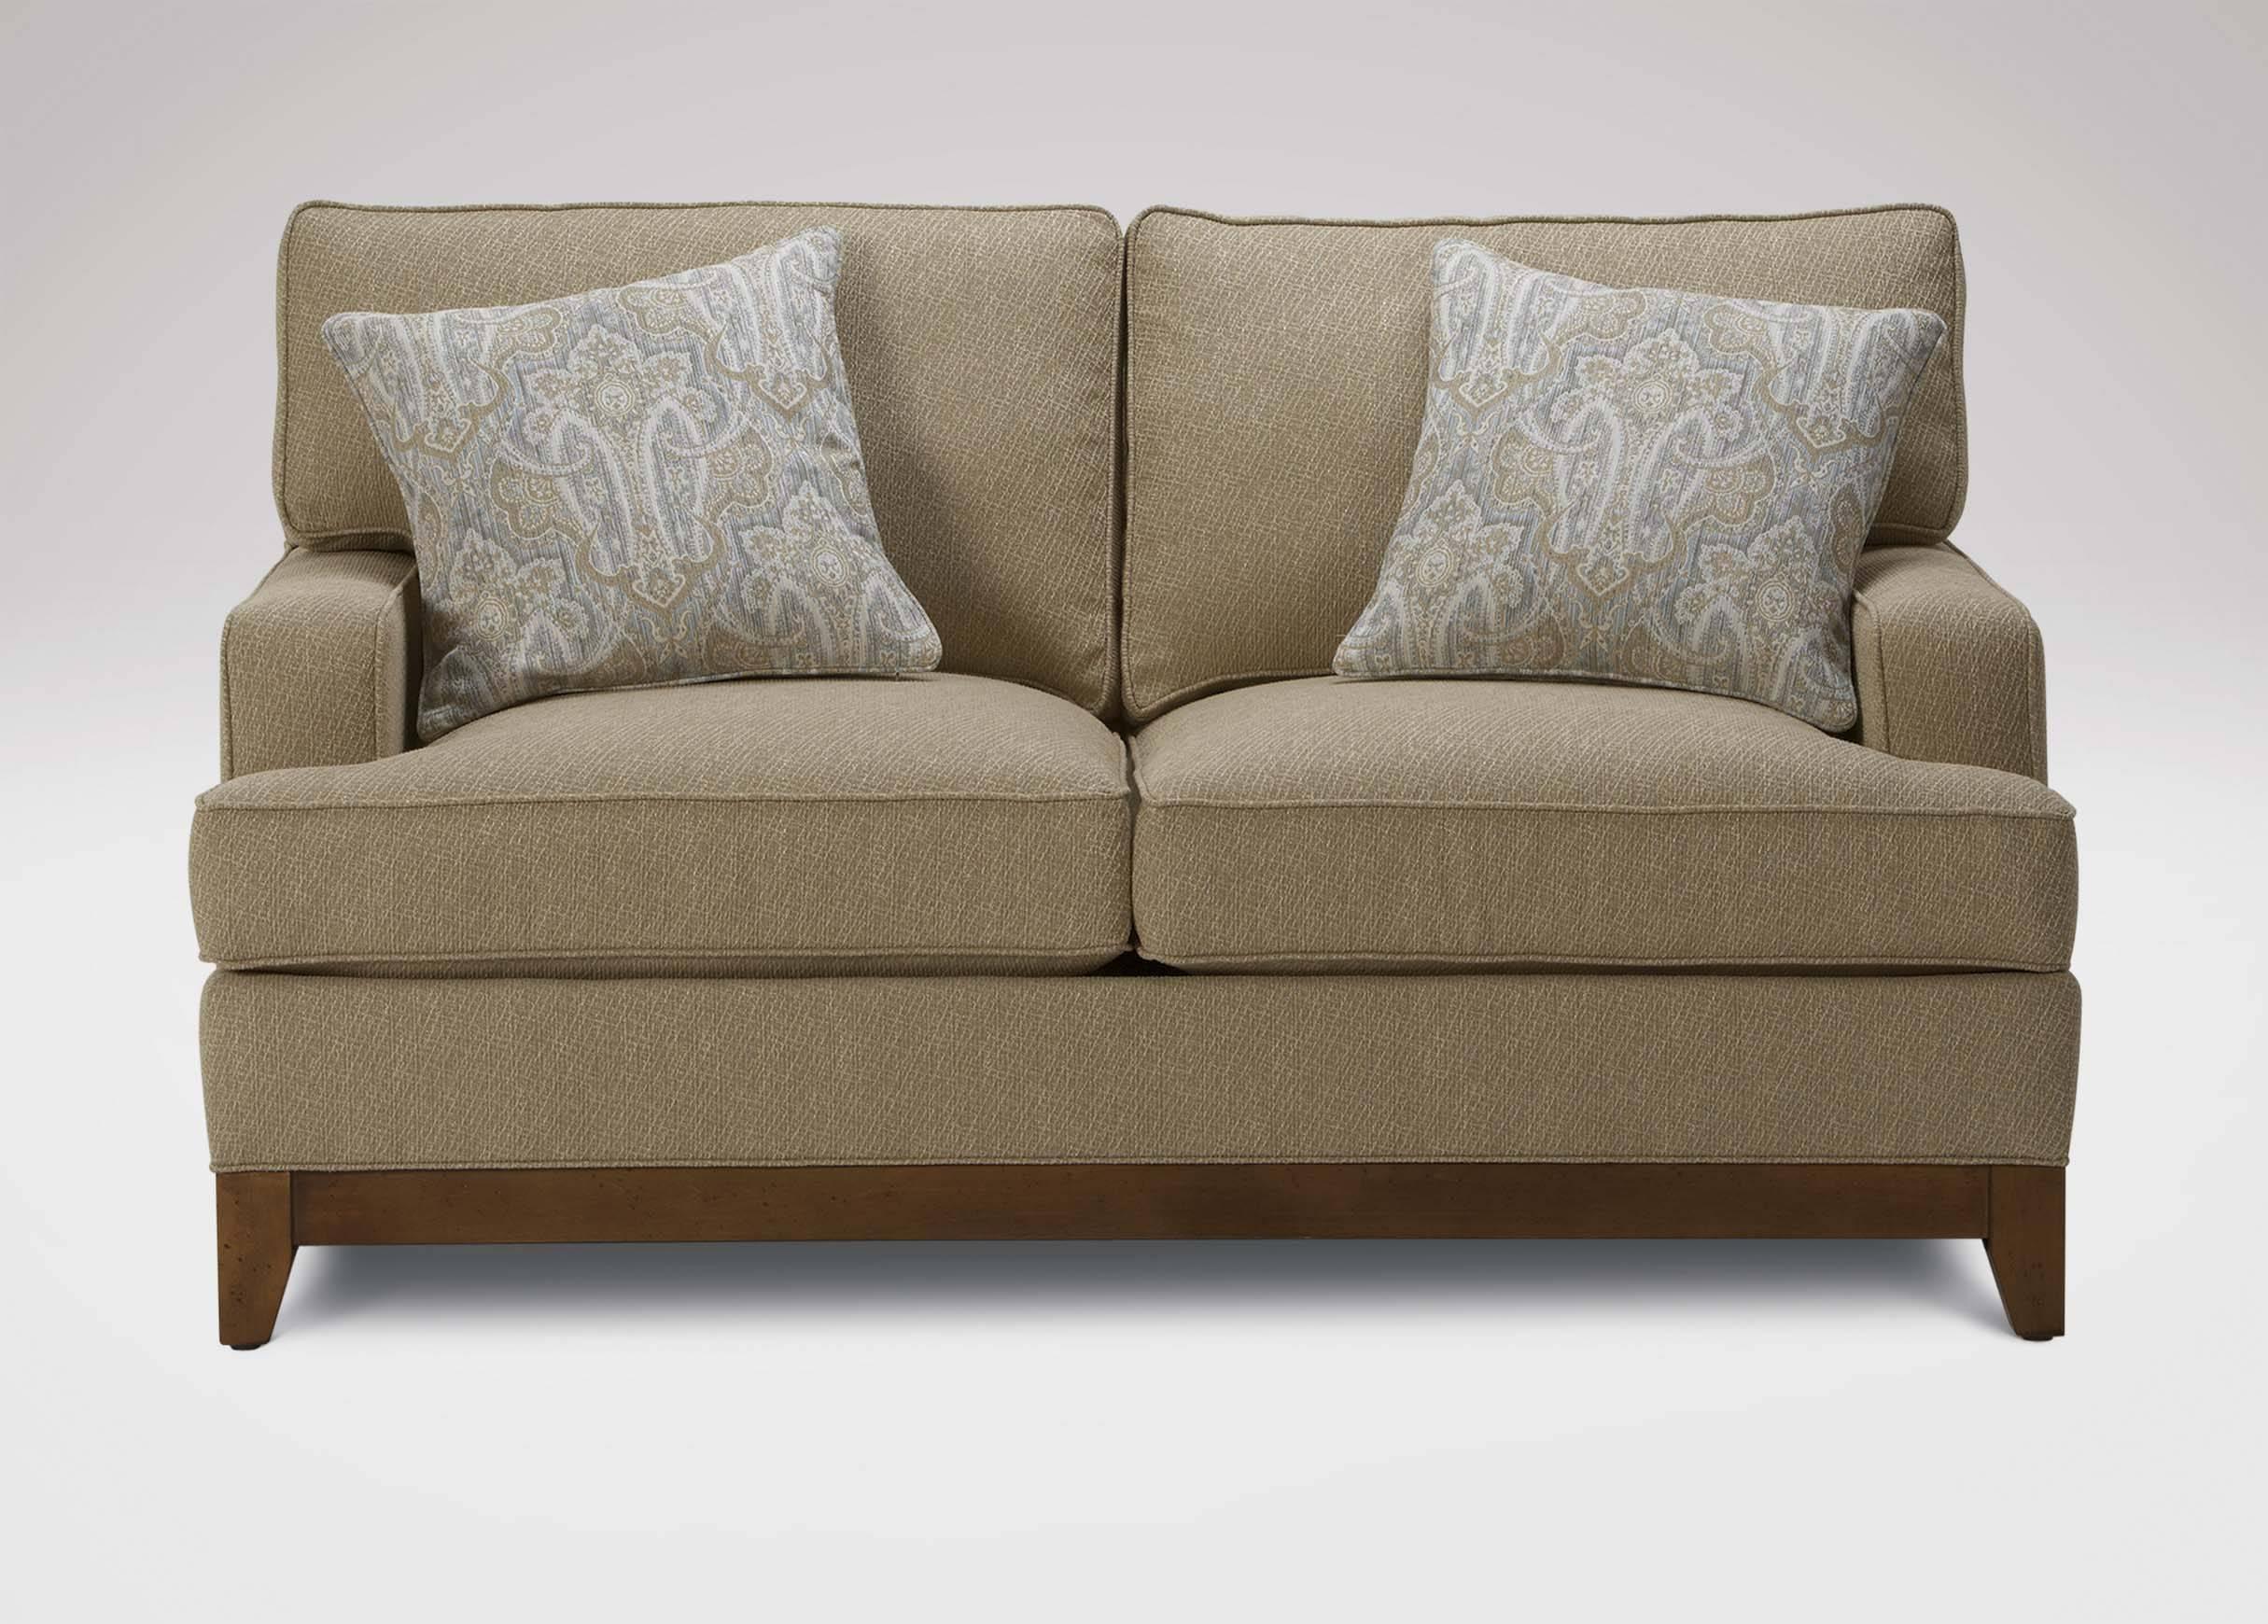 Arcata Sofa | Sofas & Loveseats with regard to 68 Inch Sofas (Image 5 of 30)